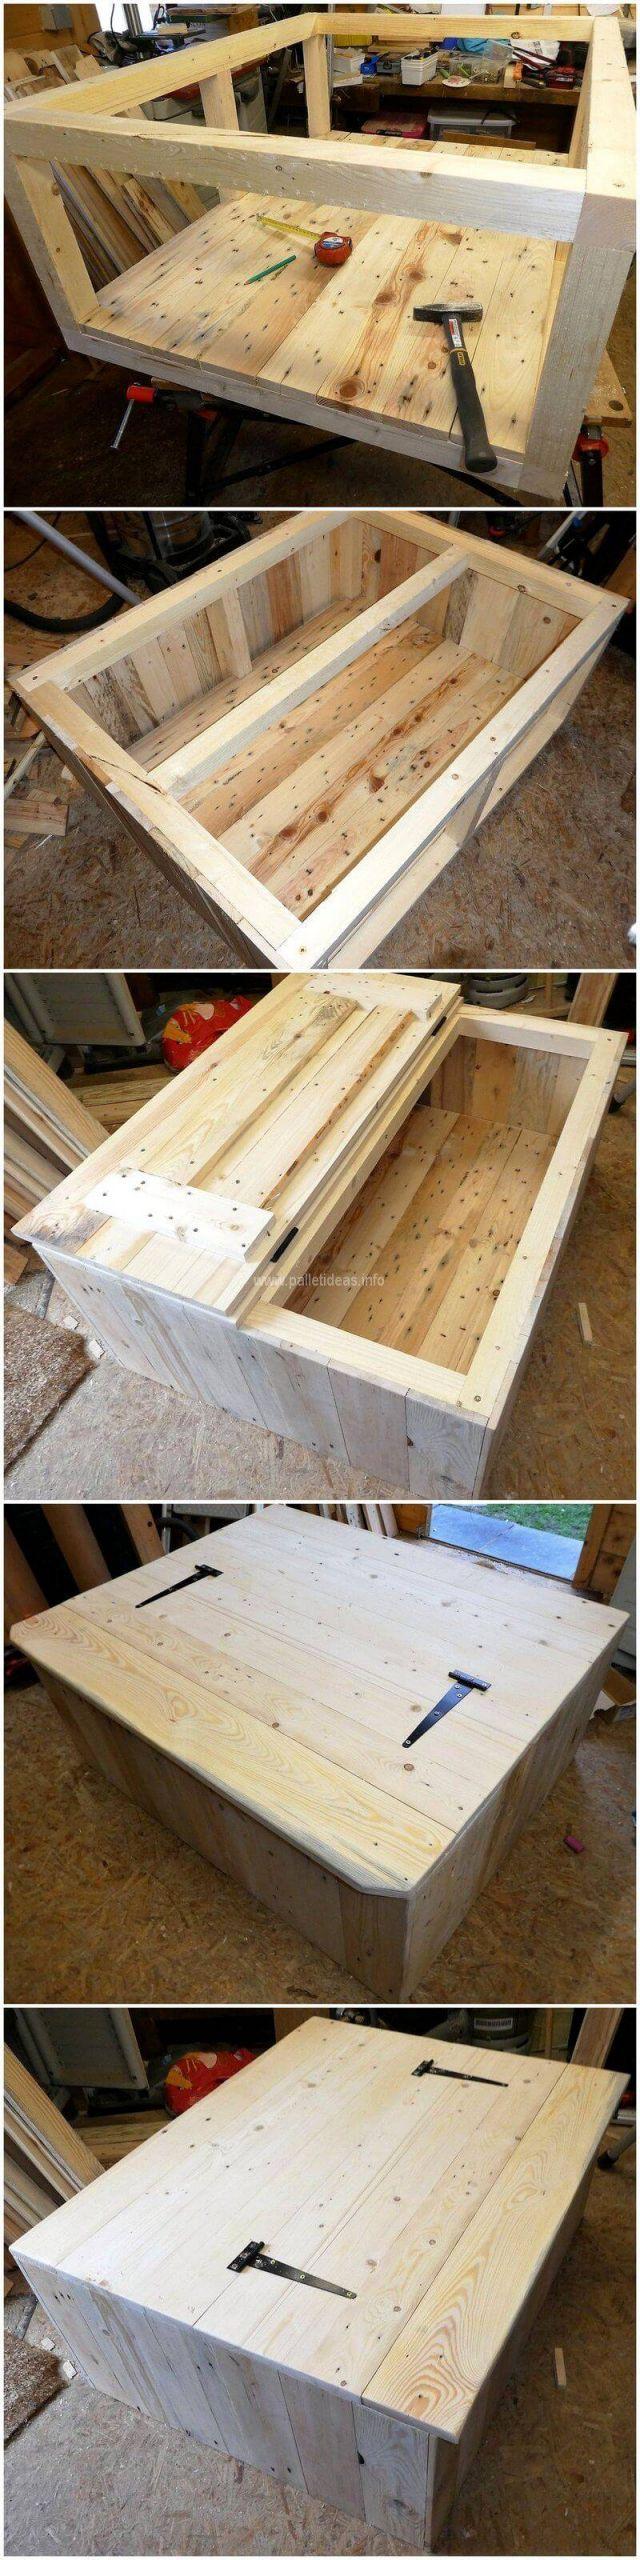 DIY pallet table plan